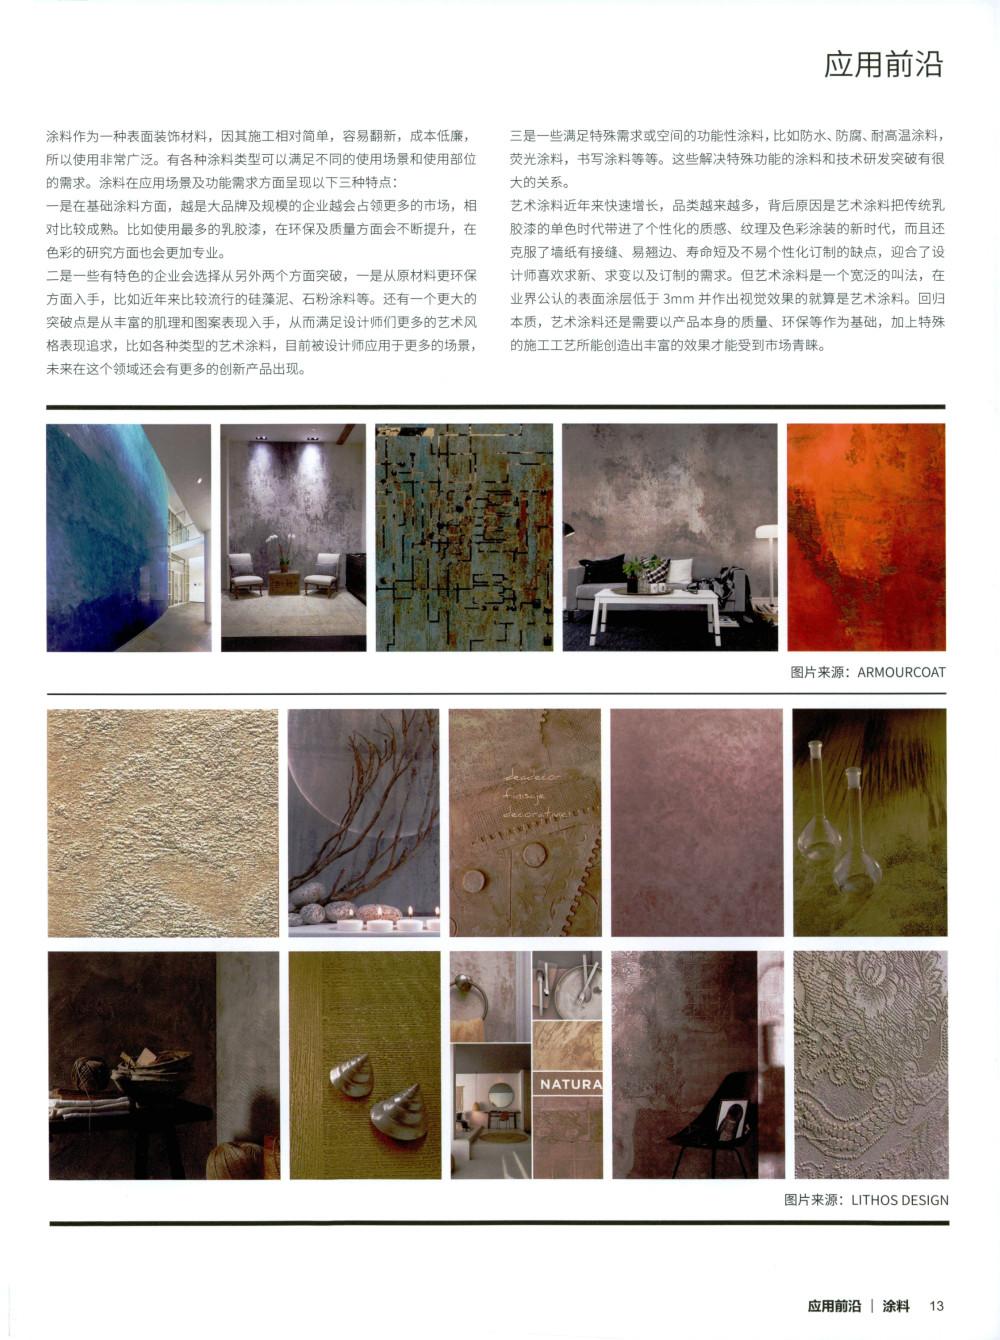 《设计师的材料清单·室内篇》(含高清PDF+JPG图片_0013.jpg